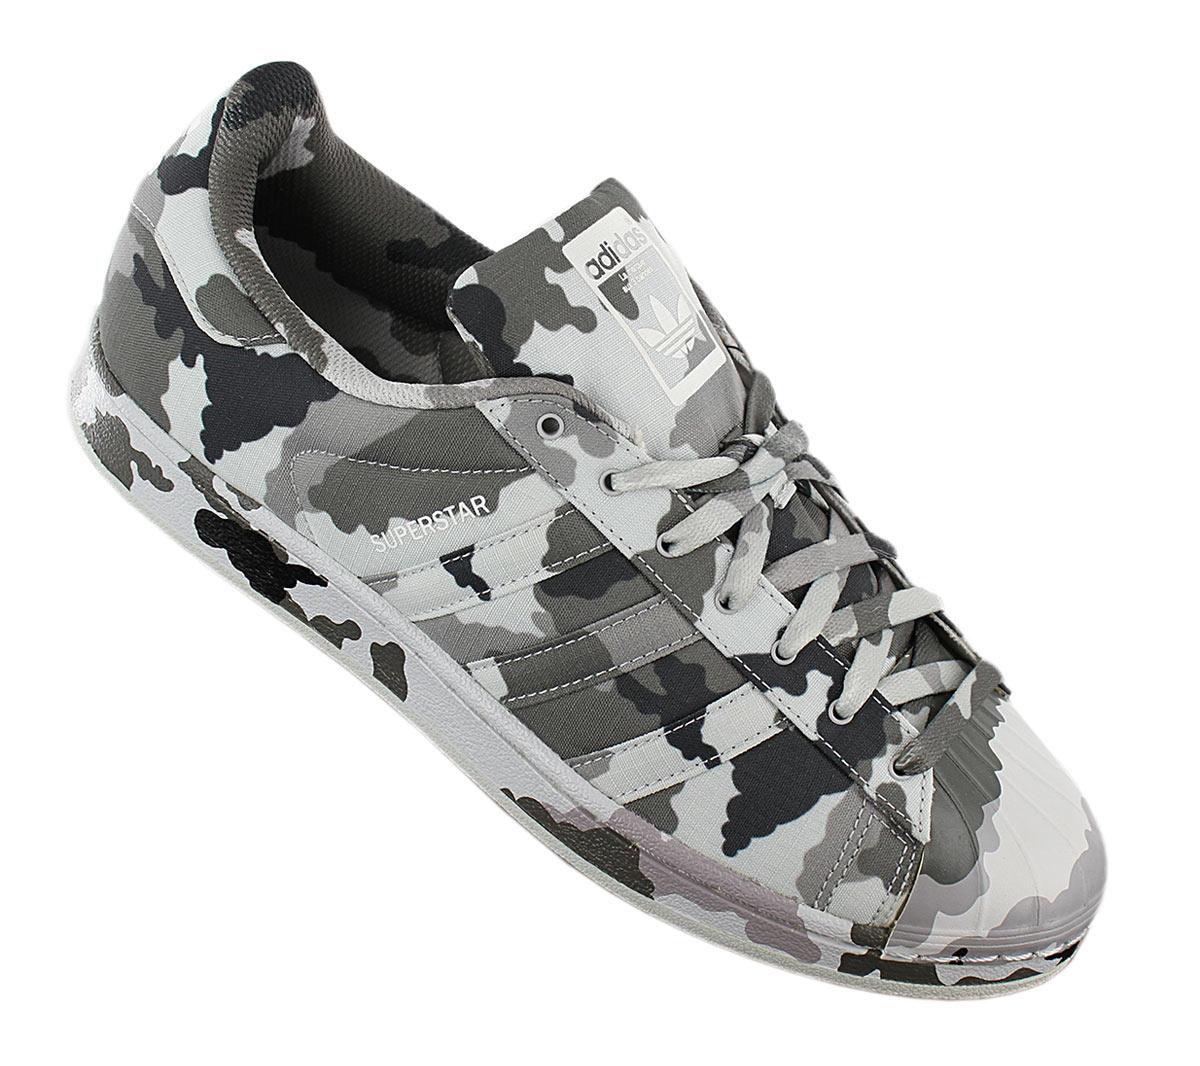 Details zu adidas Originals Superstar Graphic Pack B35404 Herren Sneaker Camouflage NEU